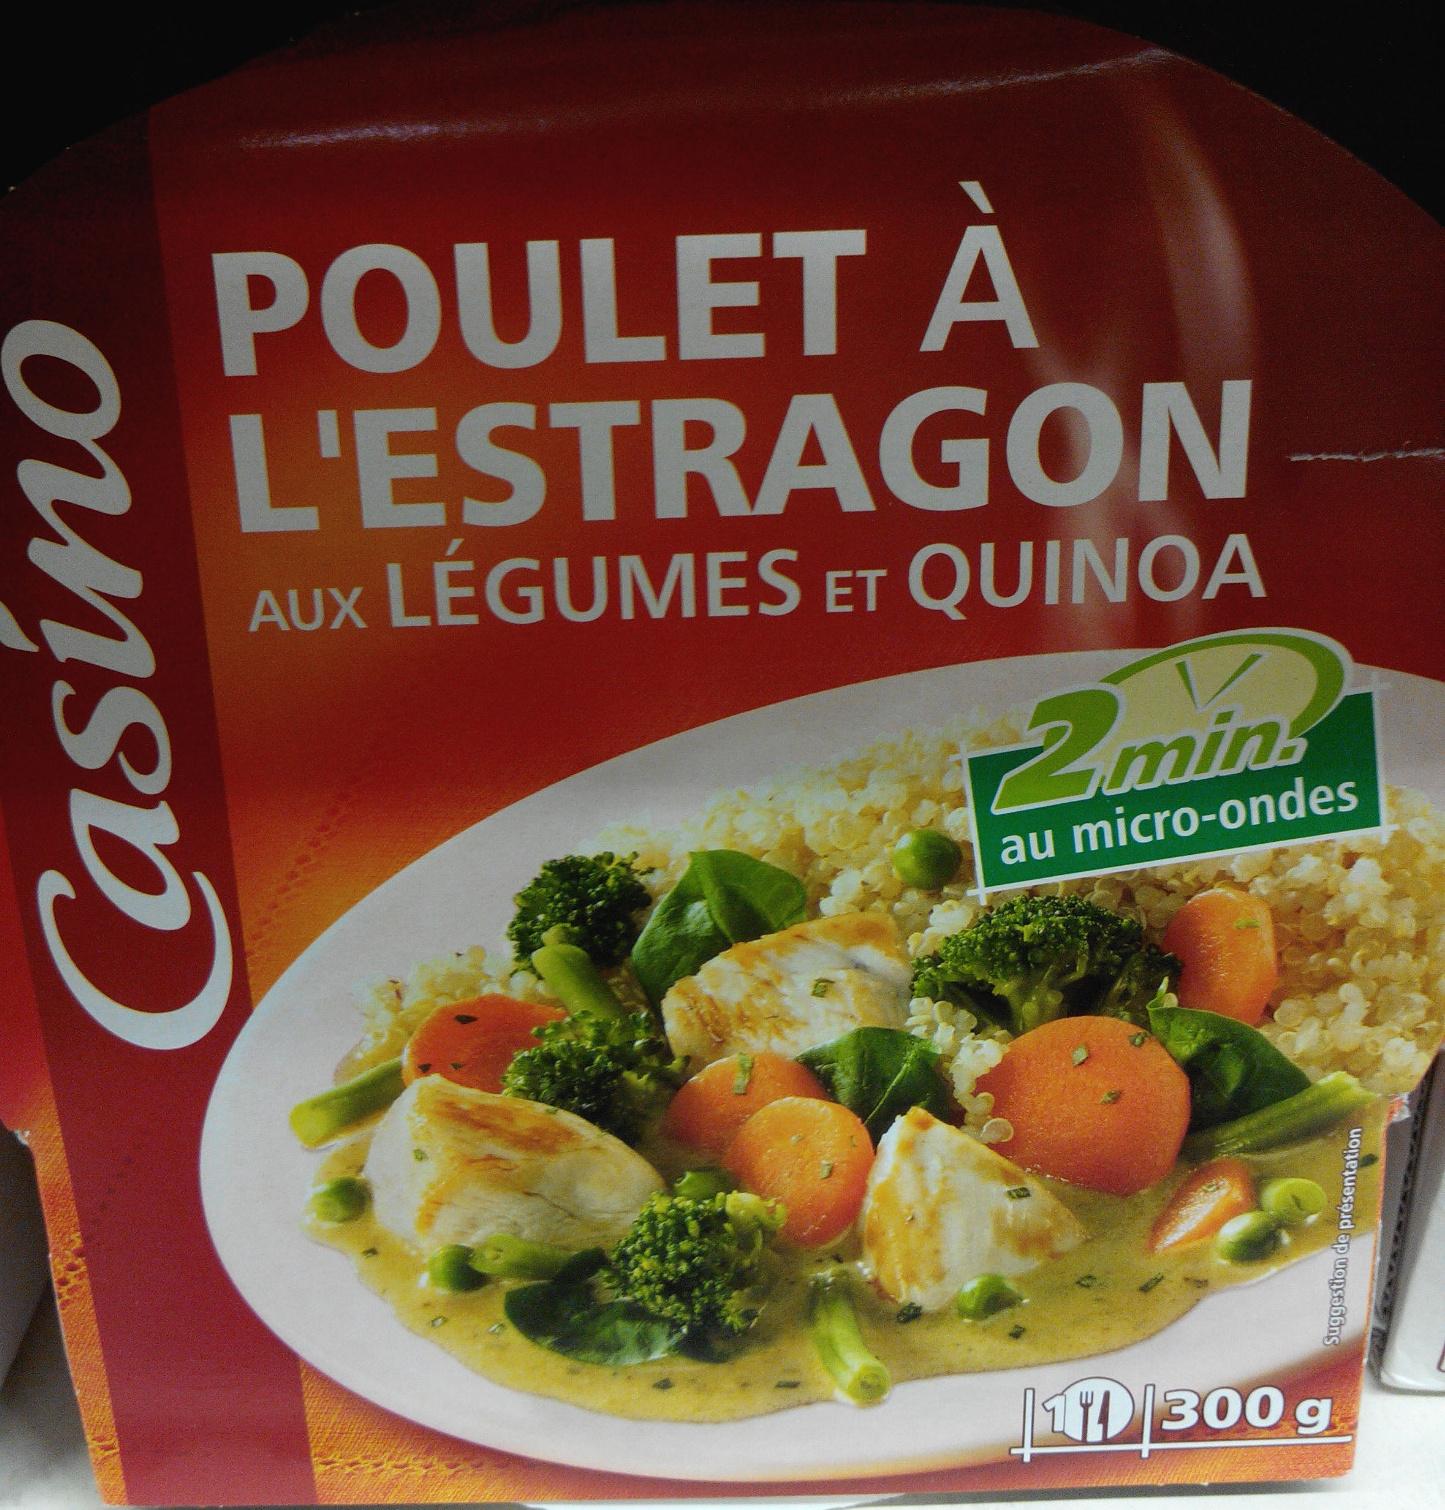 Poulet à l'Estragon aux Légumes et Quinoa - Produit - fr